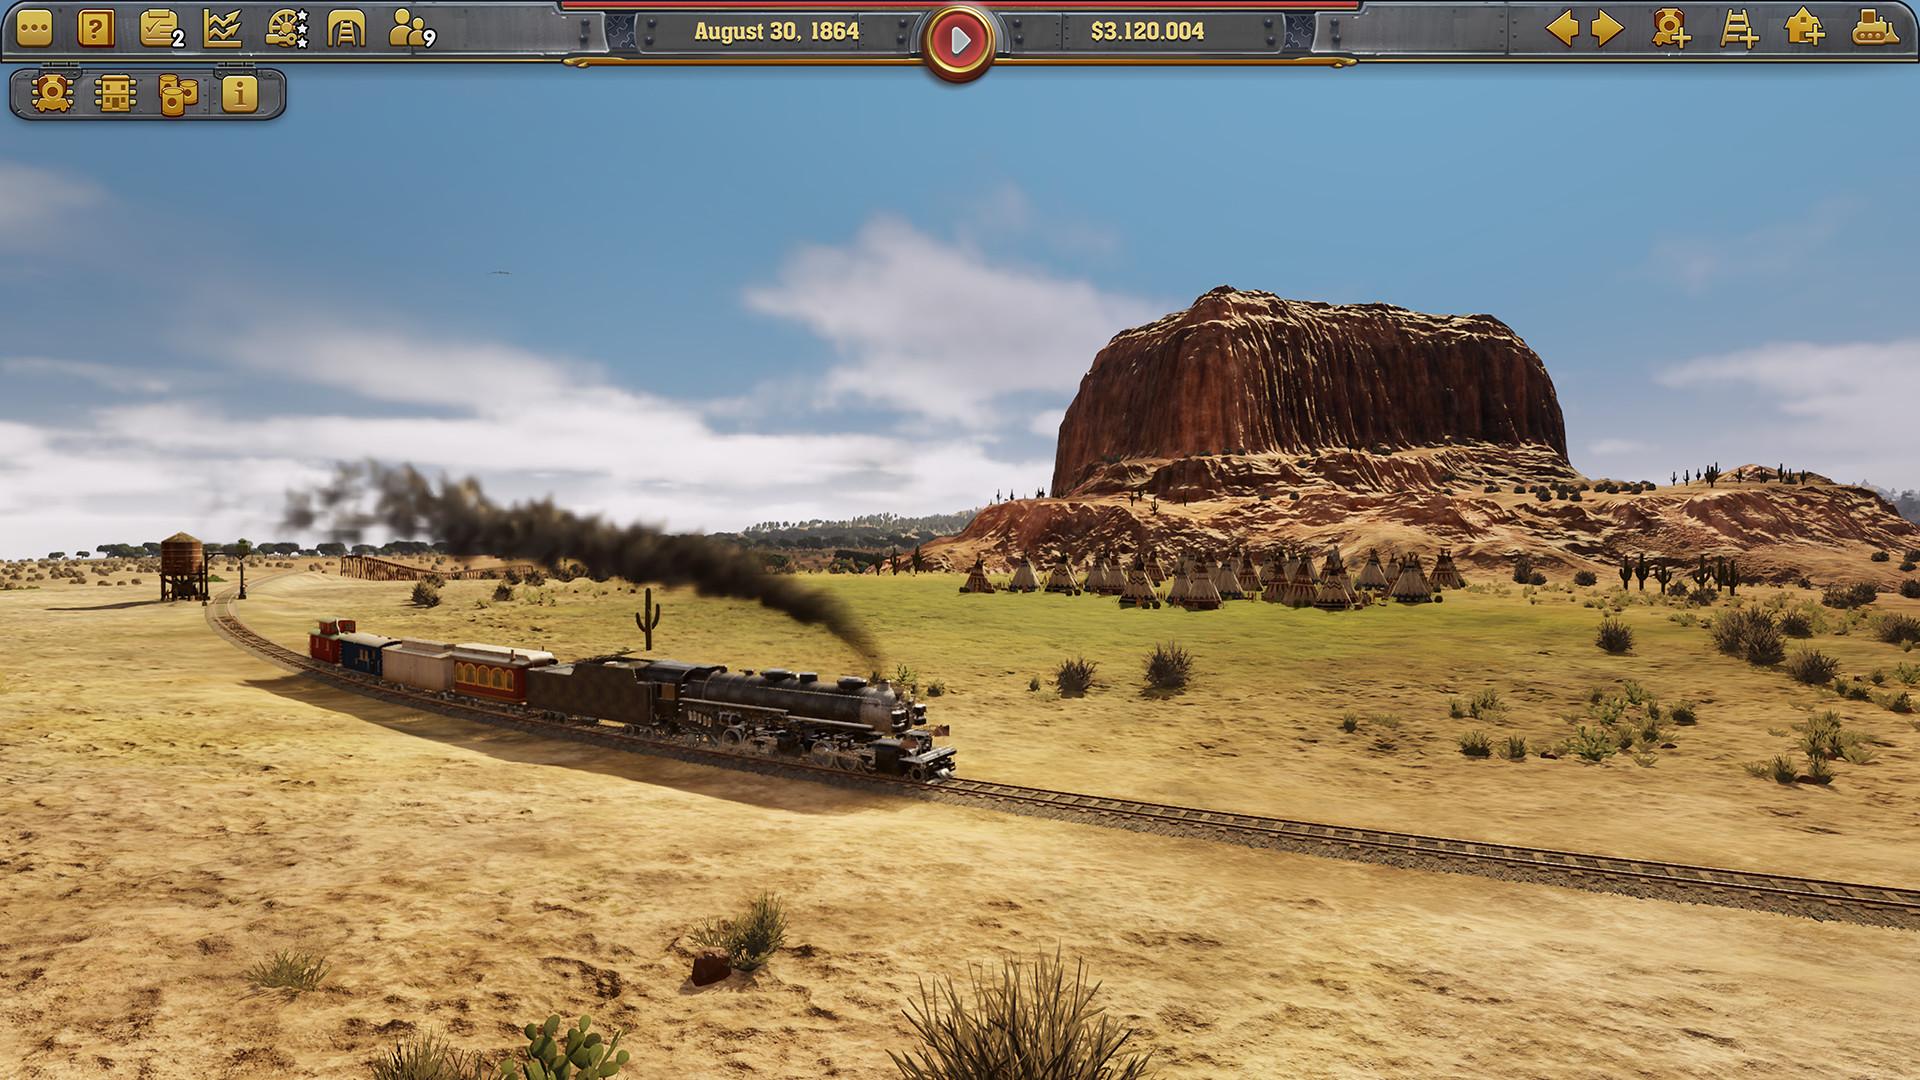 Railway Empire · AppID: 503940